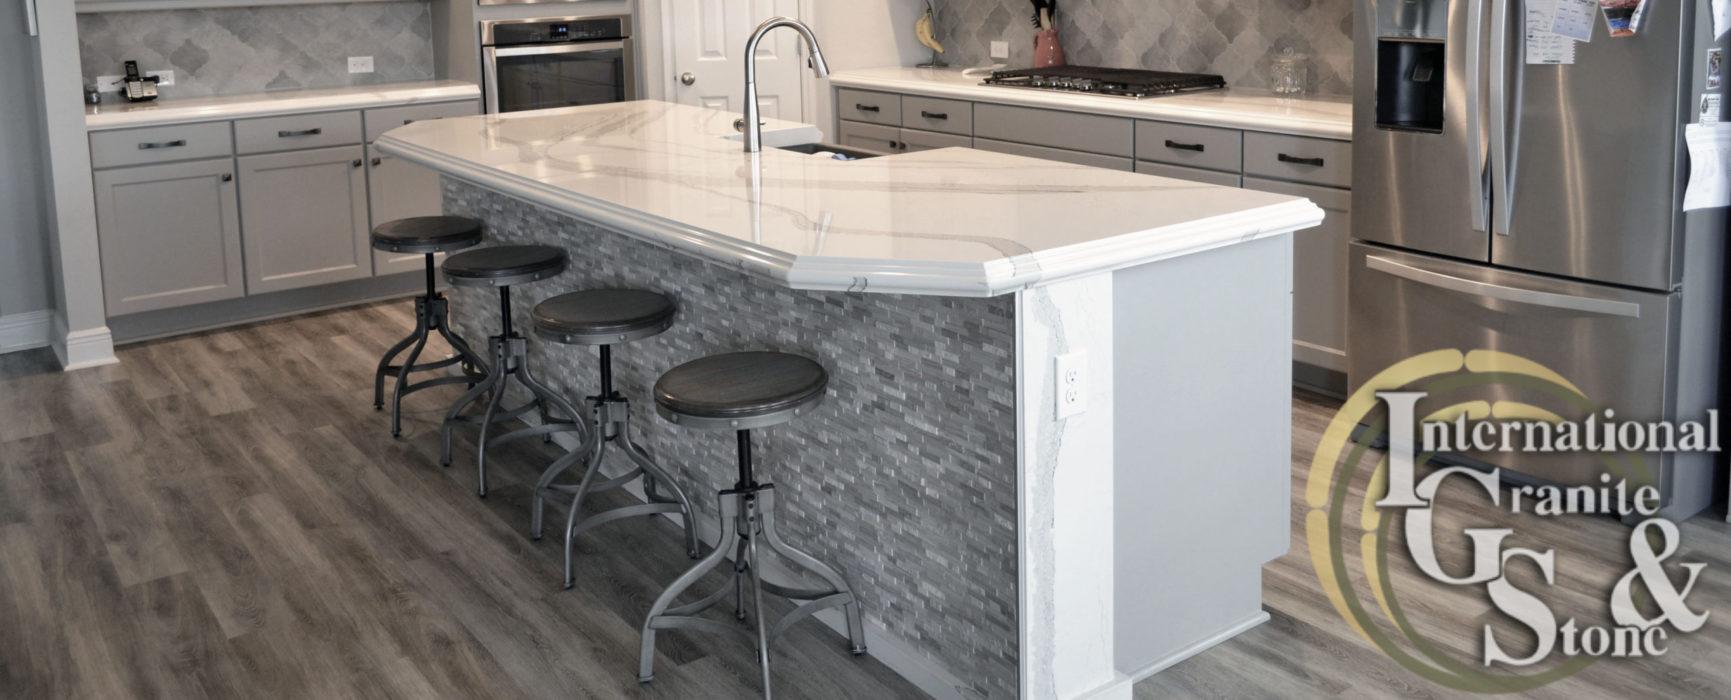 Cambria Quartz Kitchen Countertops in Naples FL